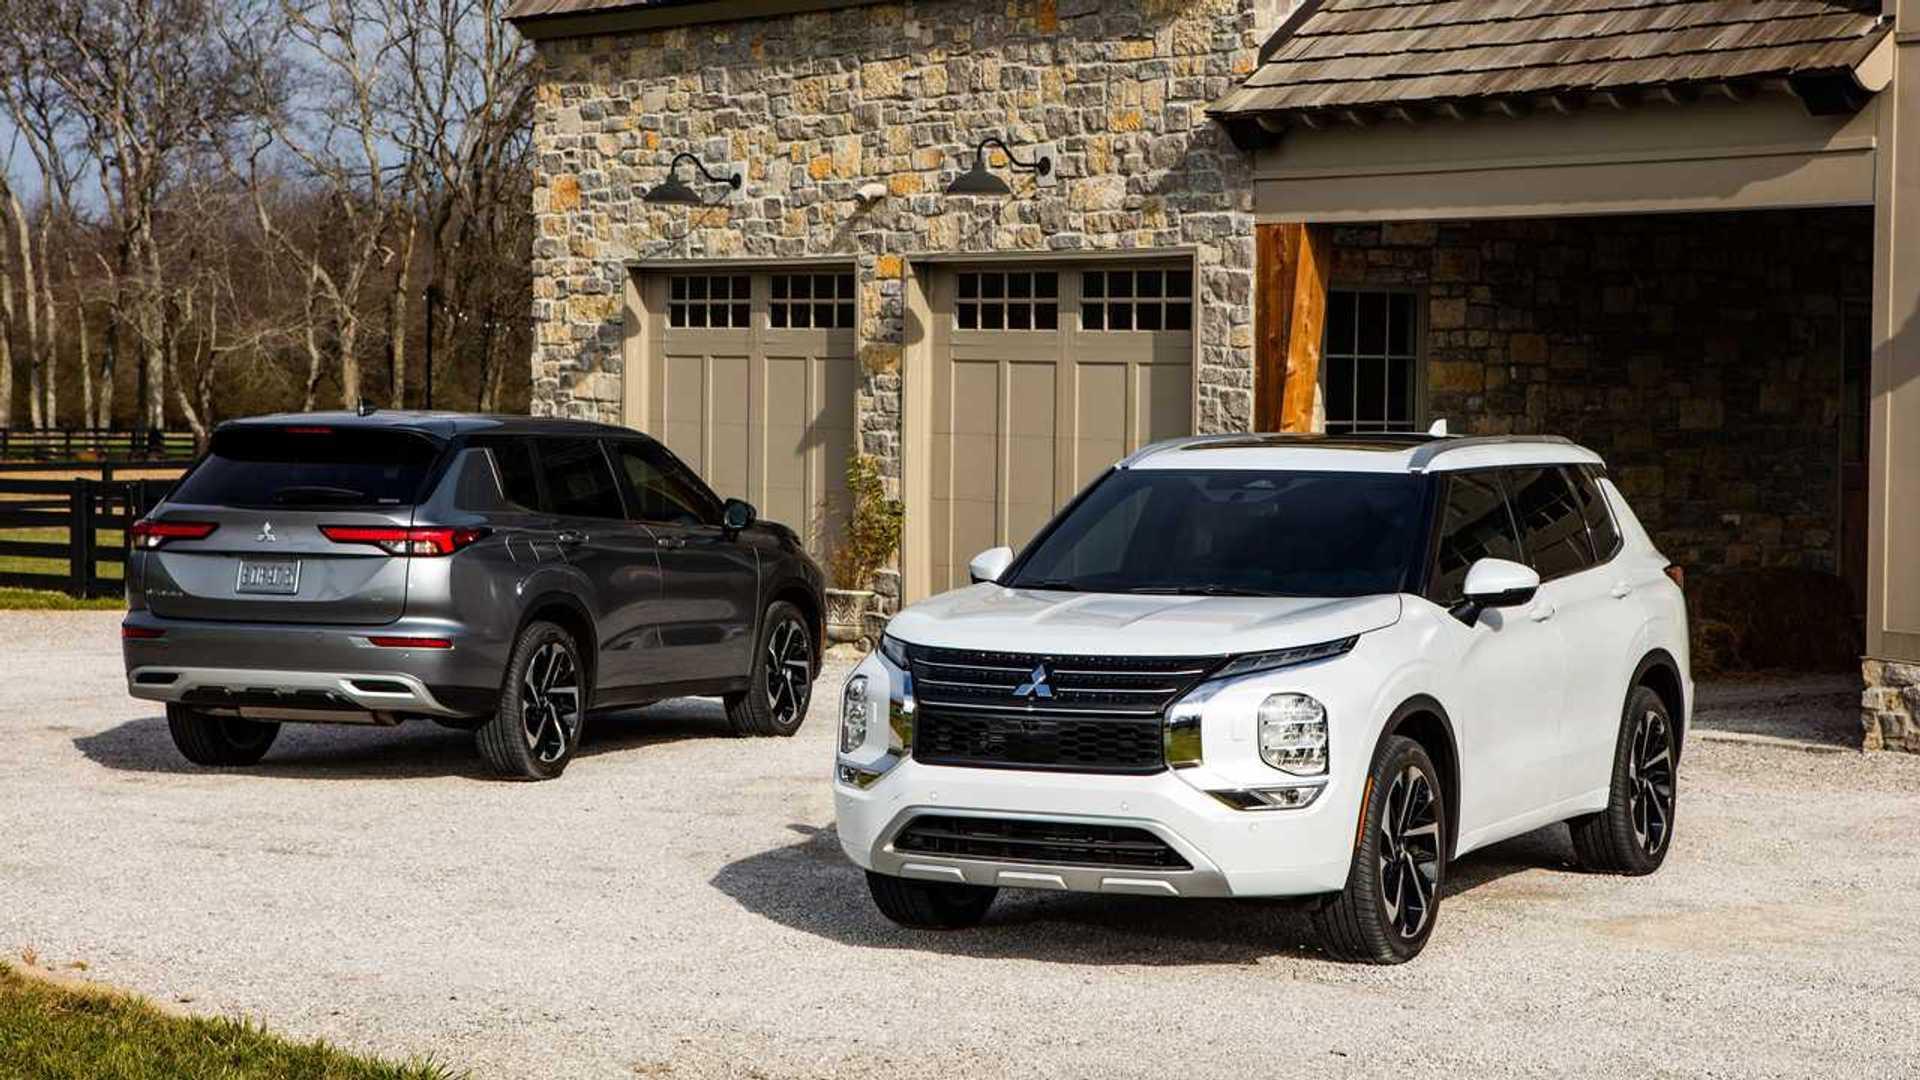 Новый Mitsubishi Outlander будет продаваться вместе со старой моделью PHEV